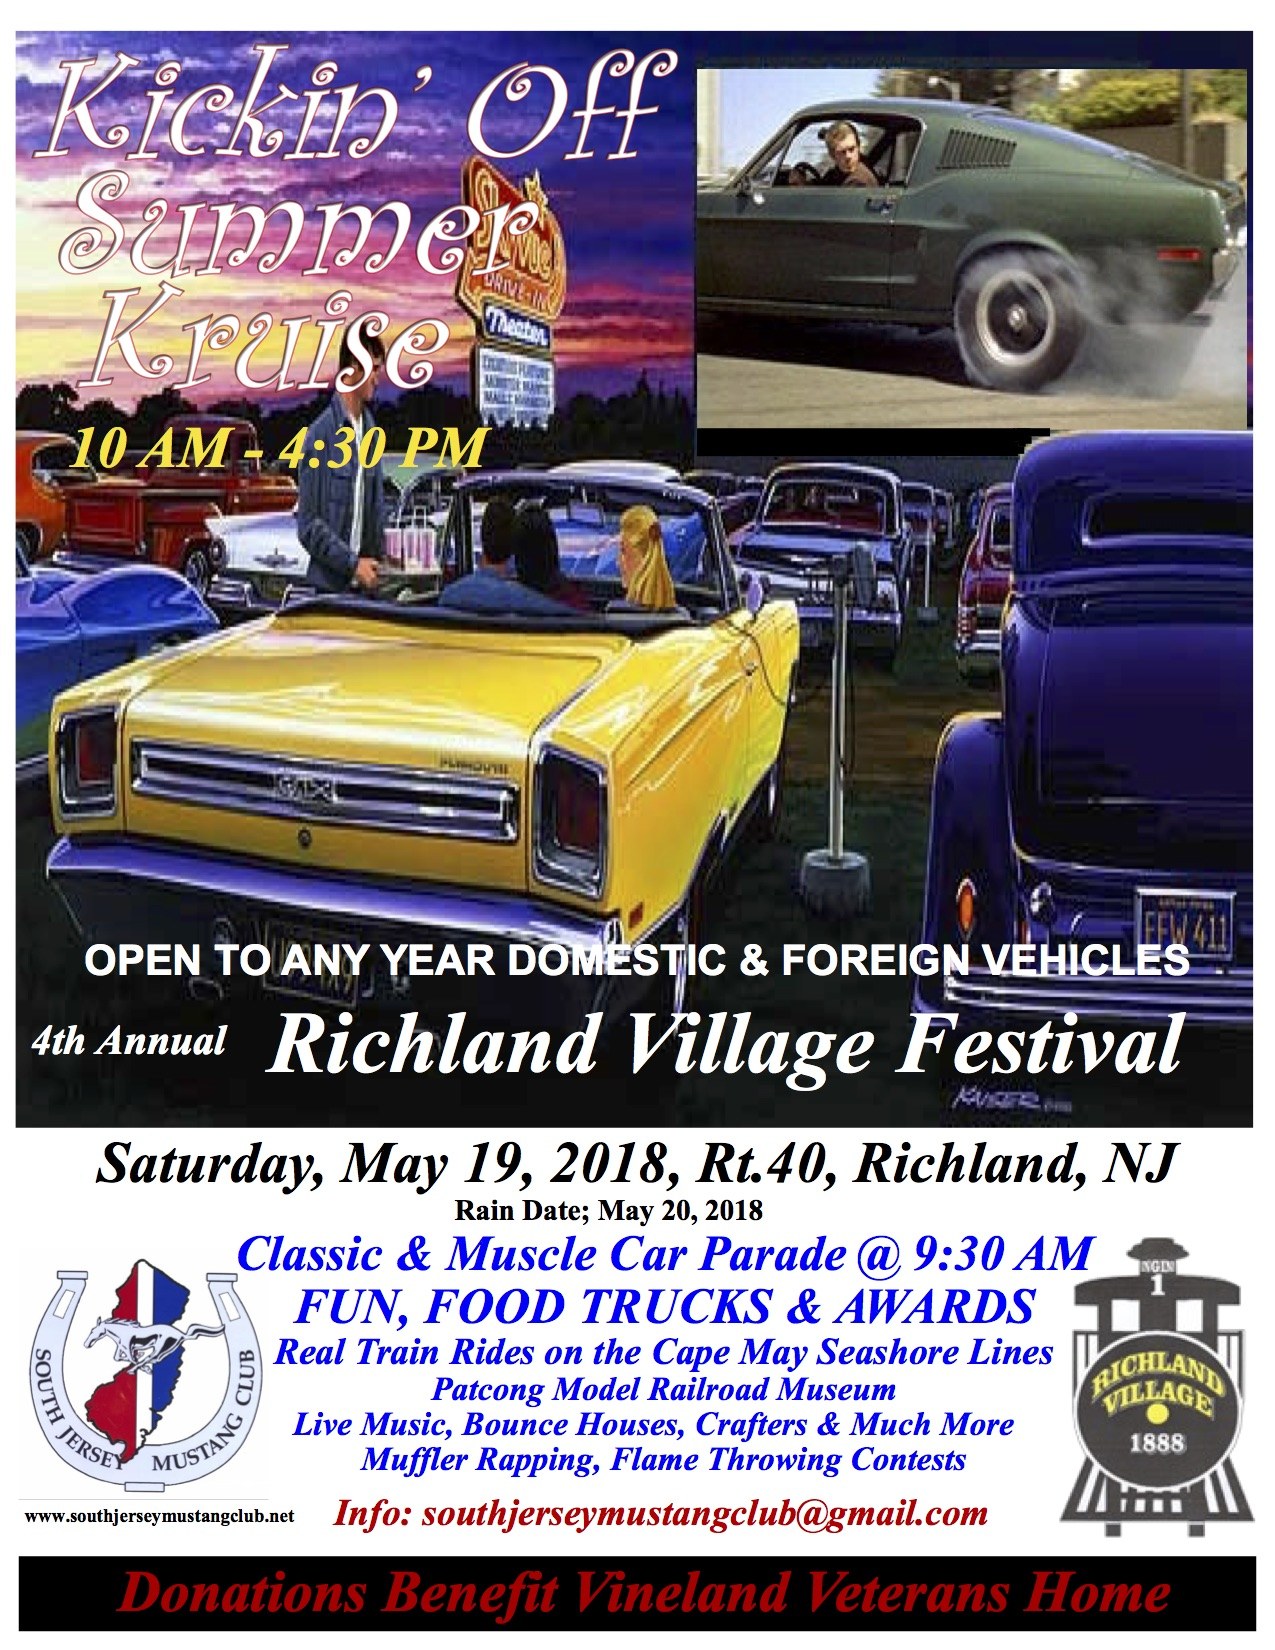 Buena Vista Township Car Shows - Millville car show 2018